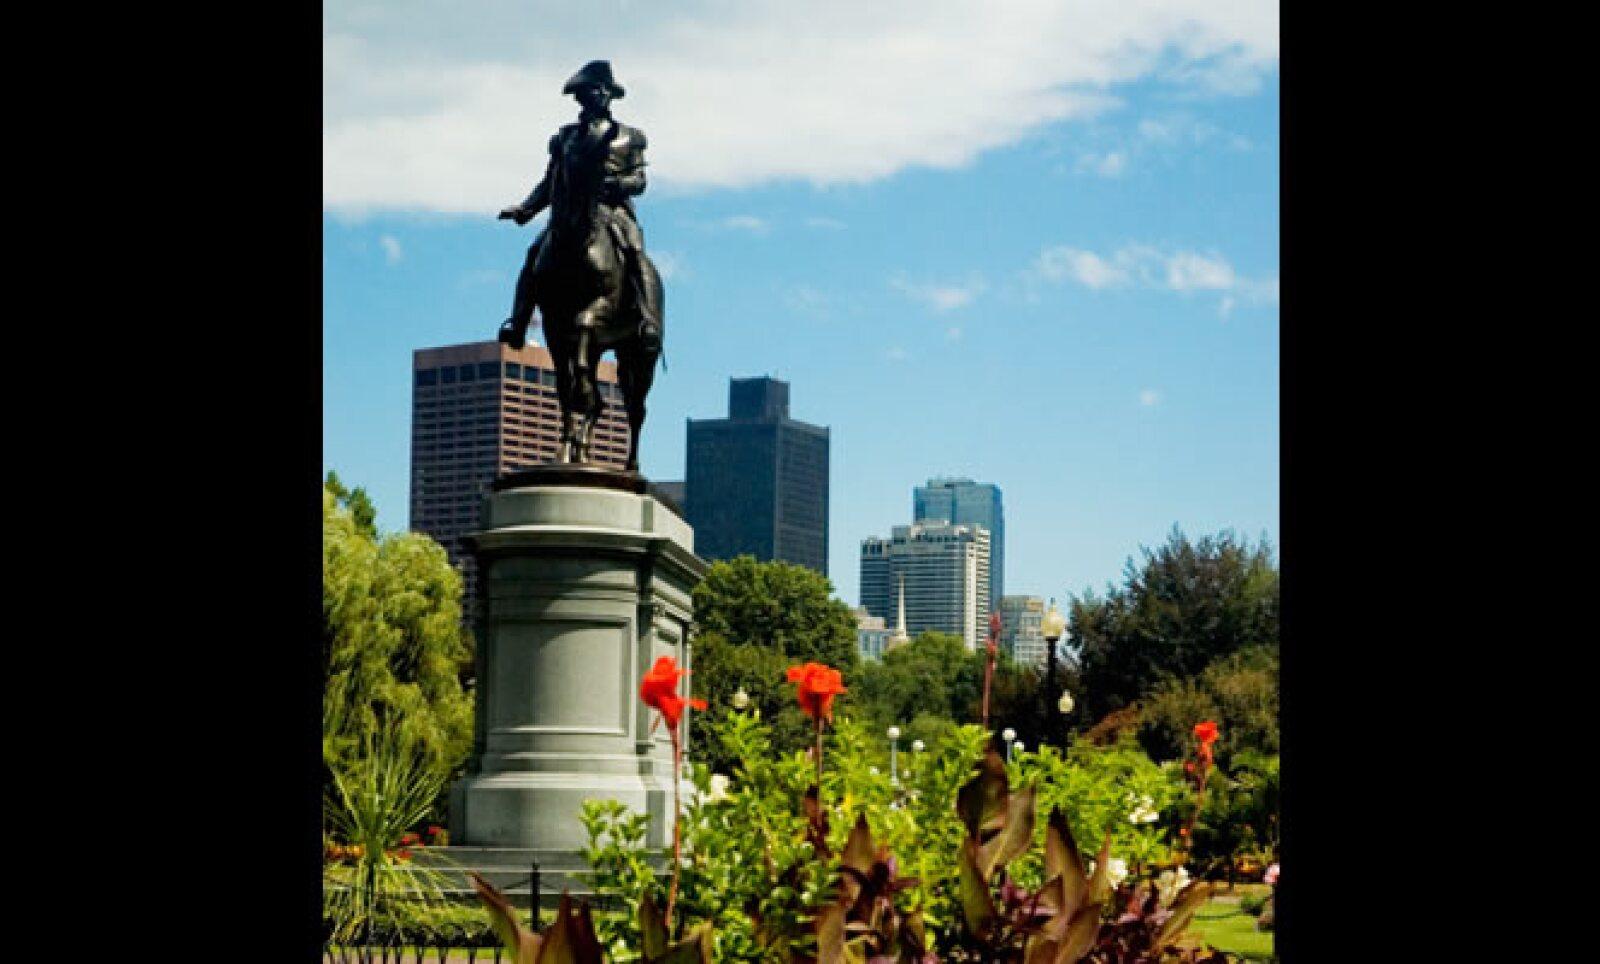 Celebre dentro de la historia de Boston, Revere ofició como mensajero en la época de guerra y considerado como uno de los patriotas de la indepedencia de Estados Unidos.